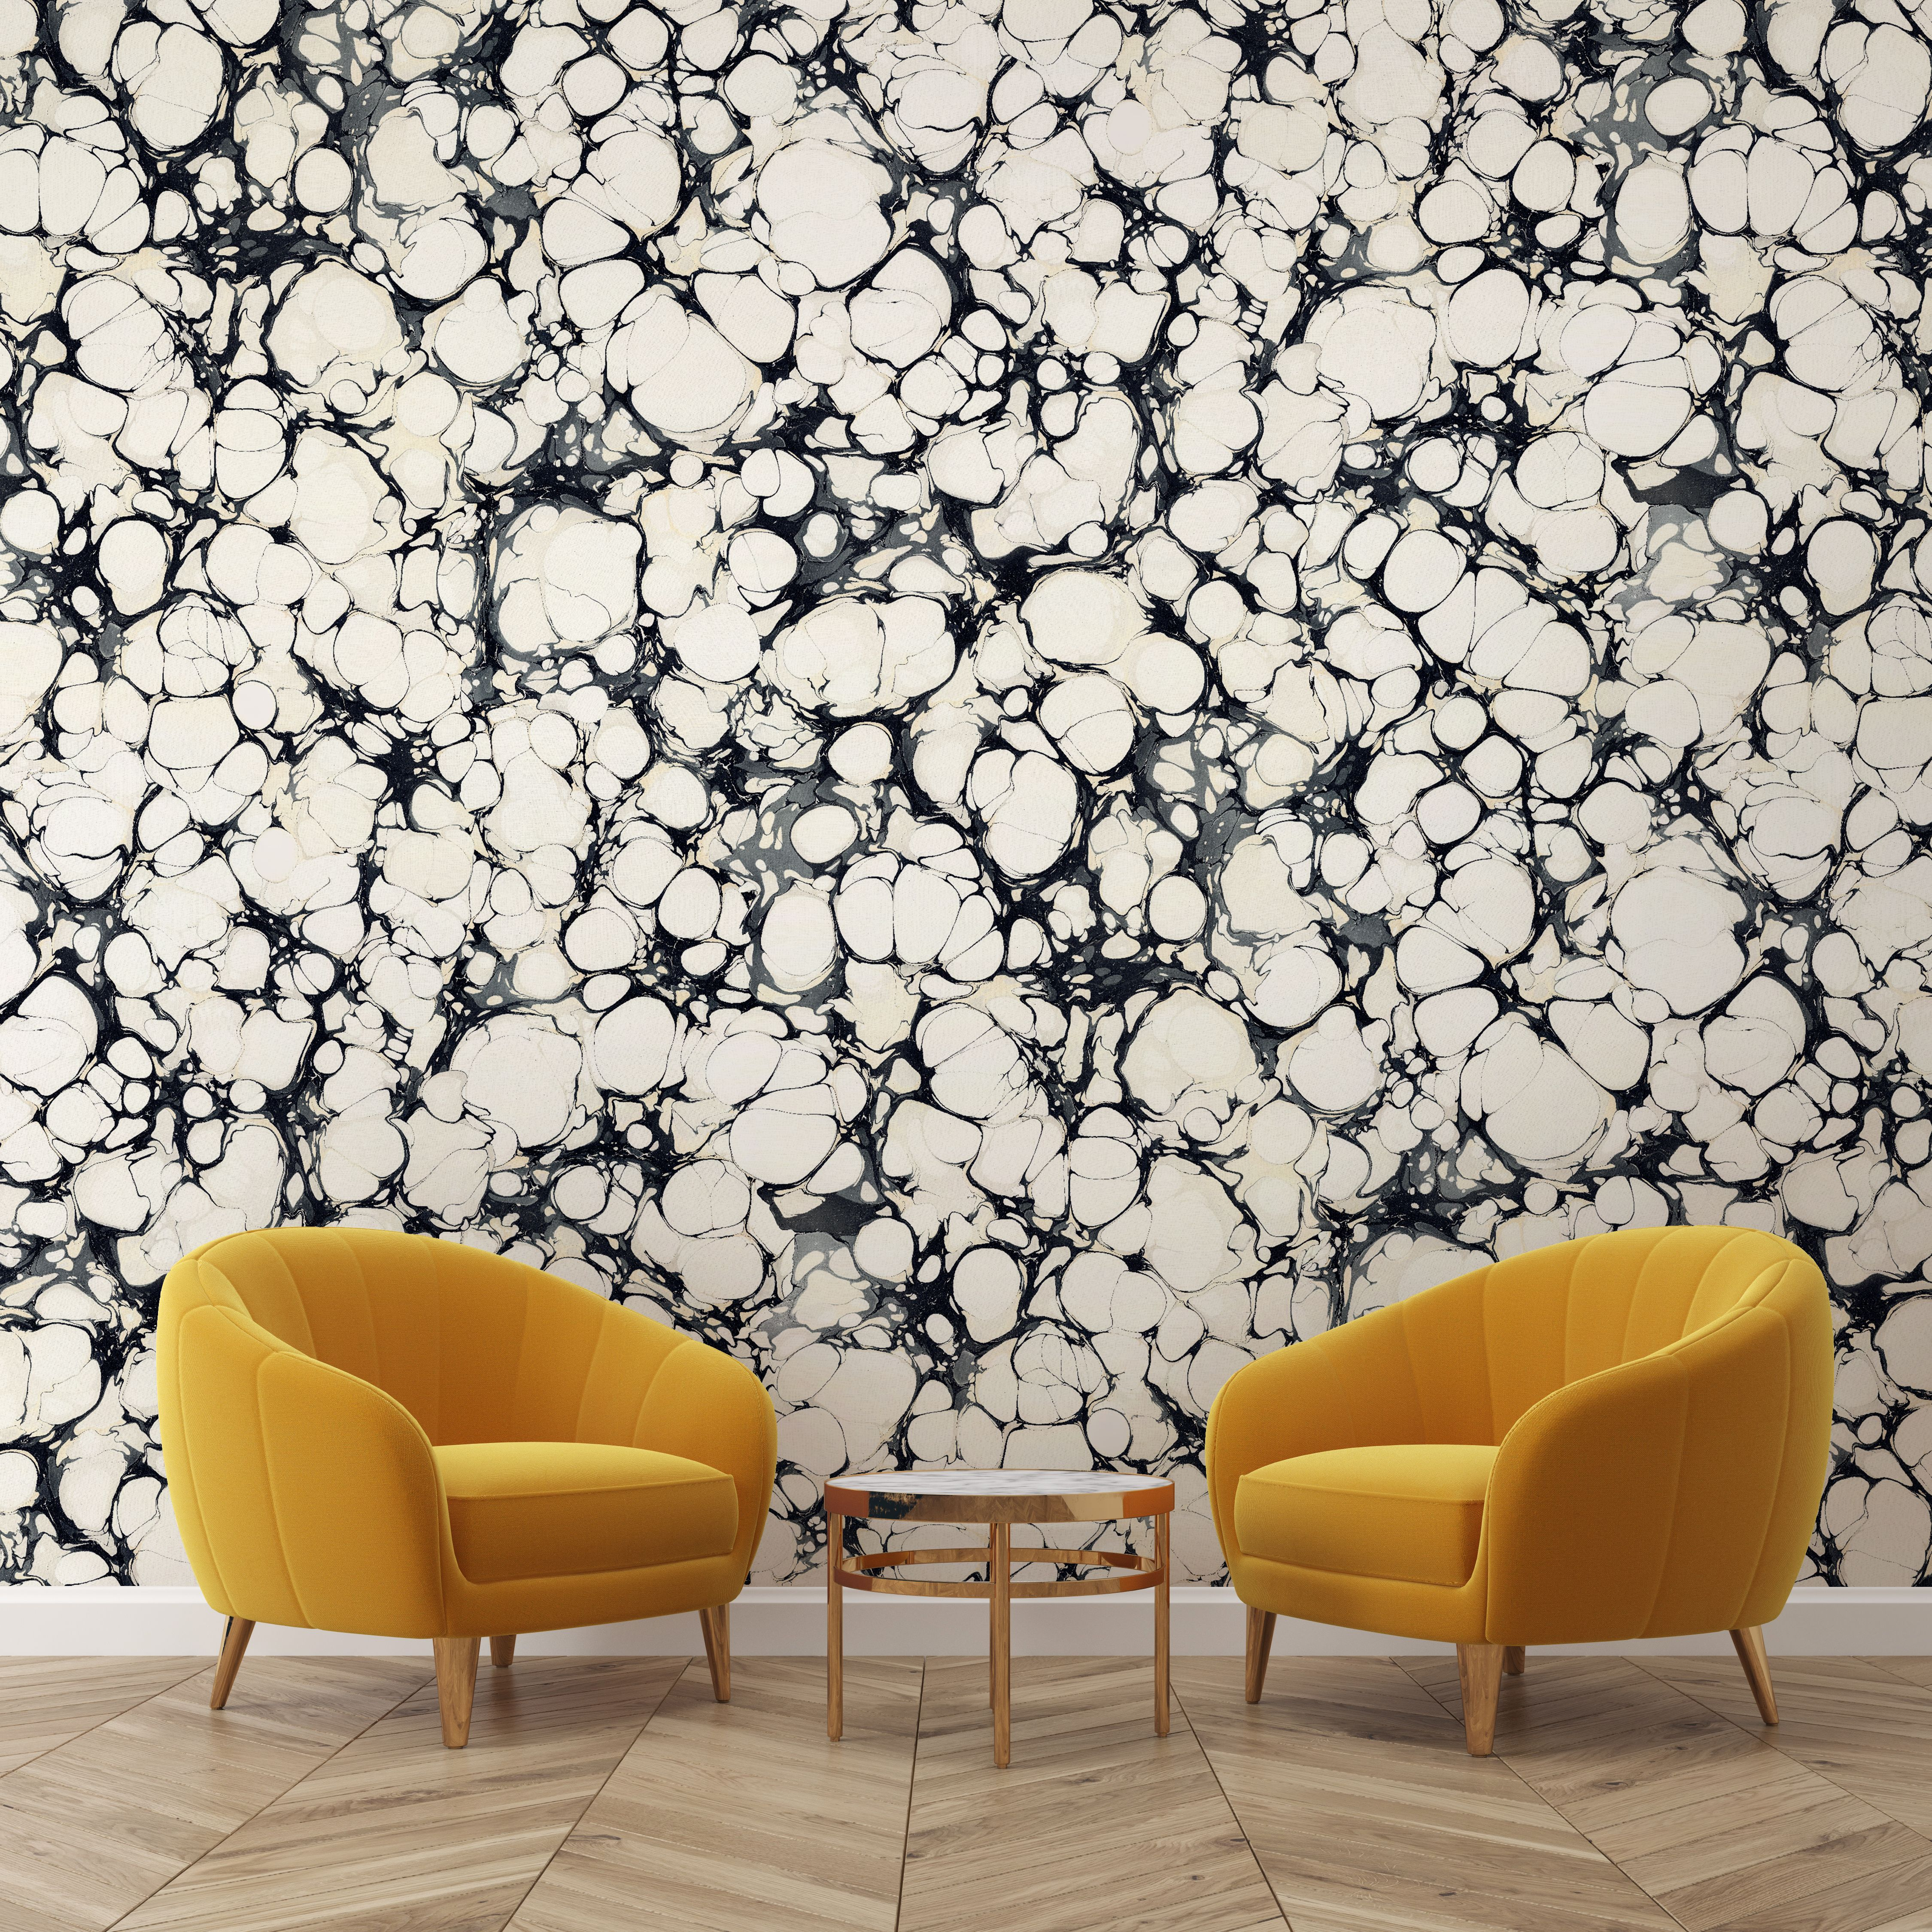 Miami Wallpaper Installation 786 389 3914 Miami Wallpaper Commercial Wallpaper How To Install Wallpaper